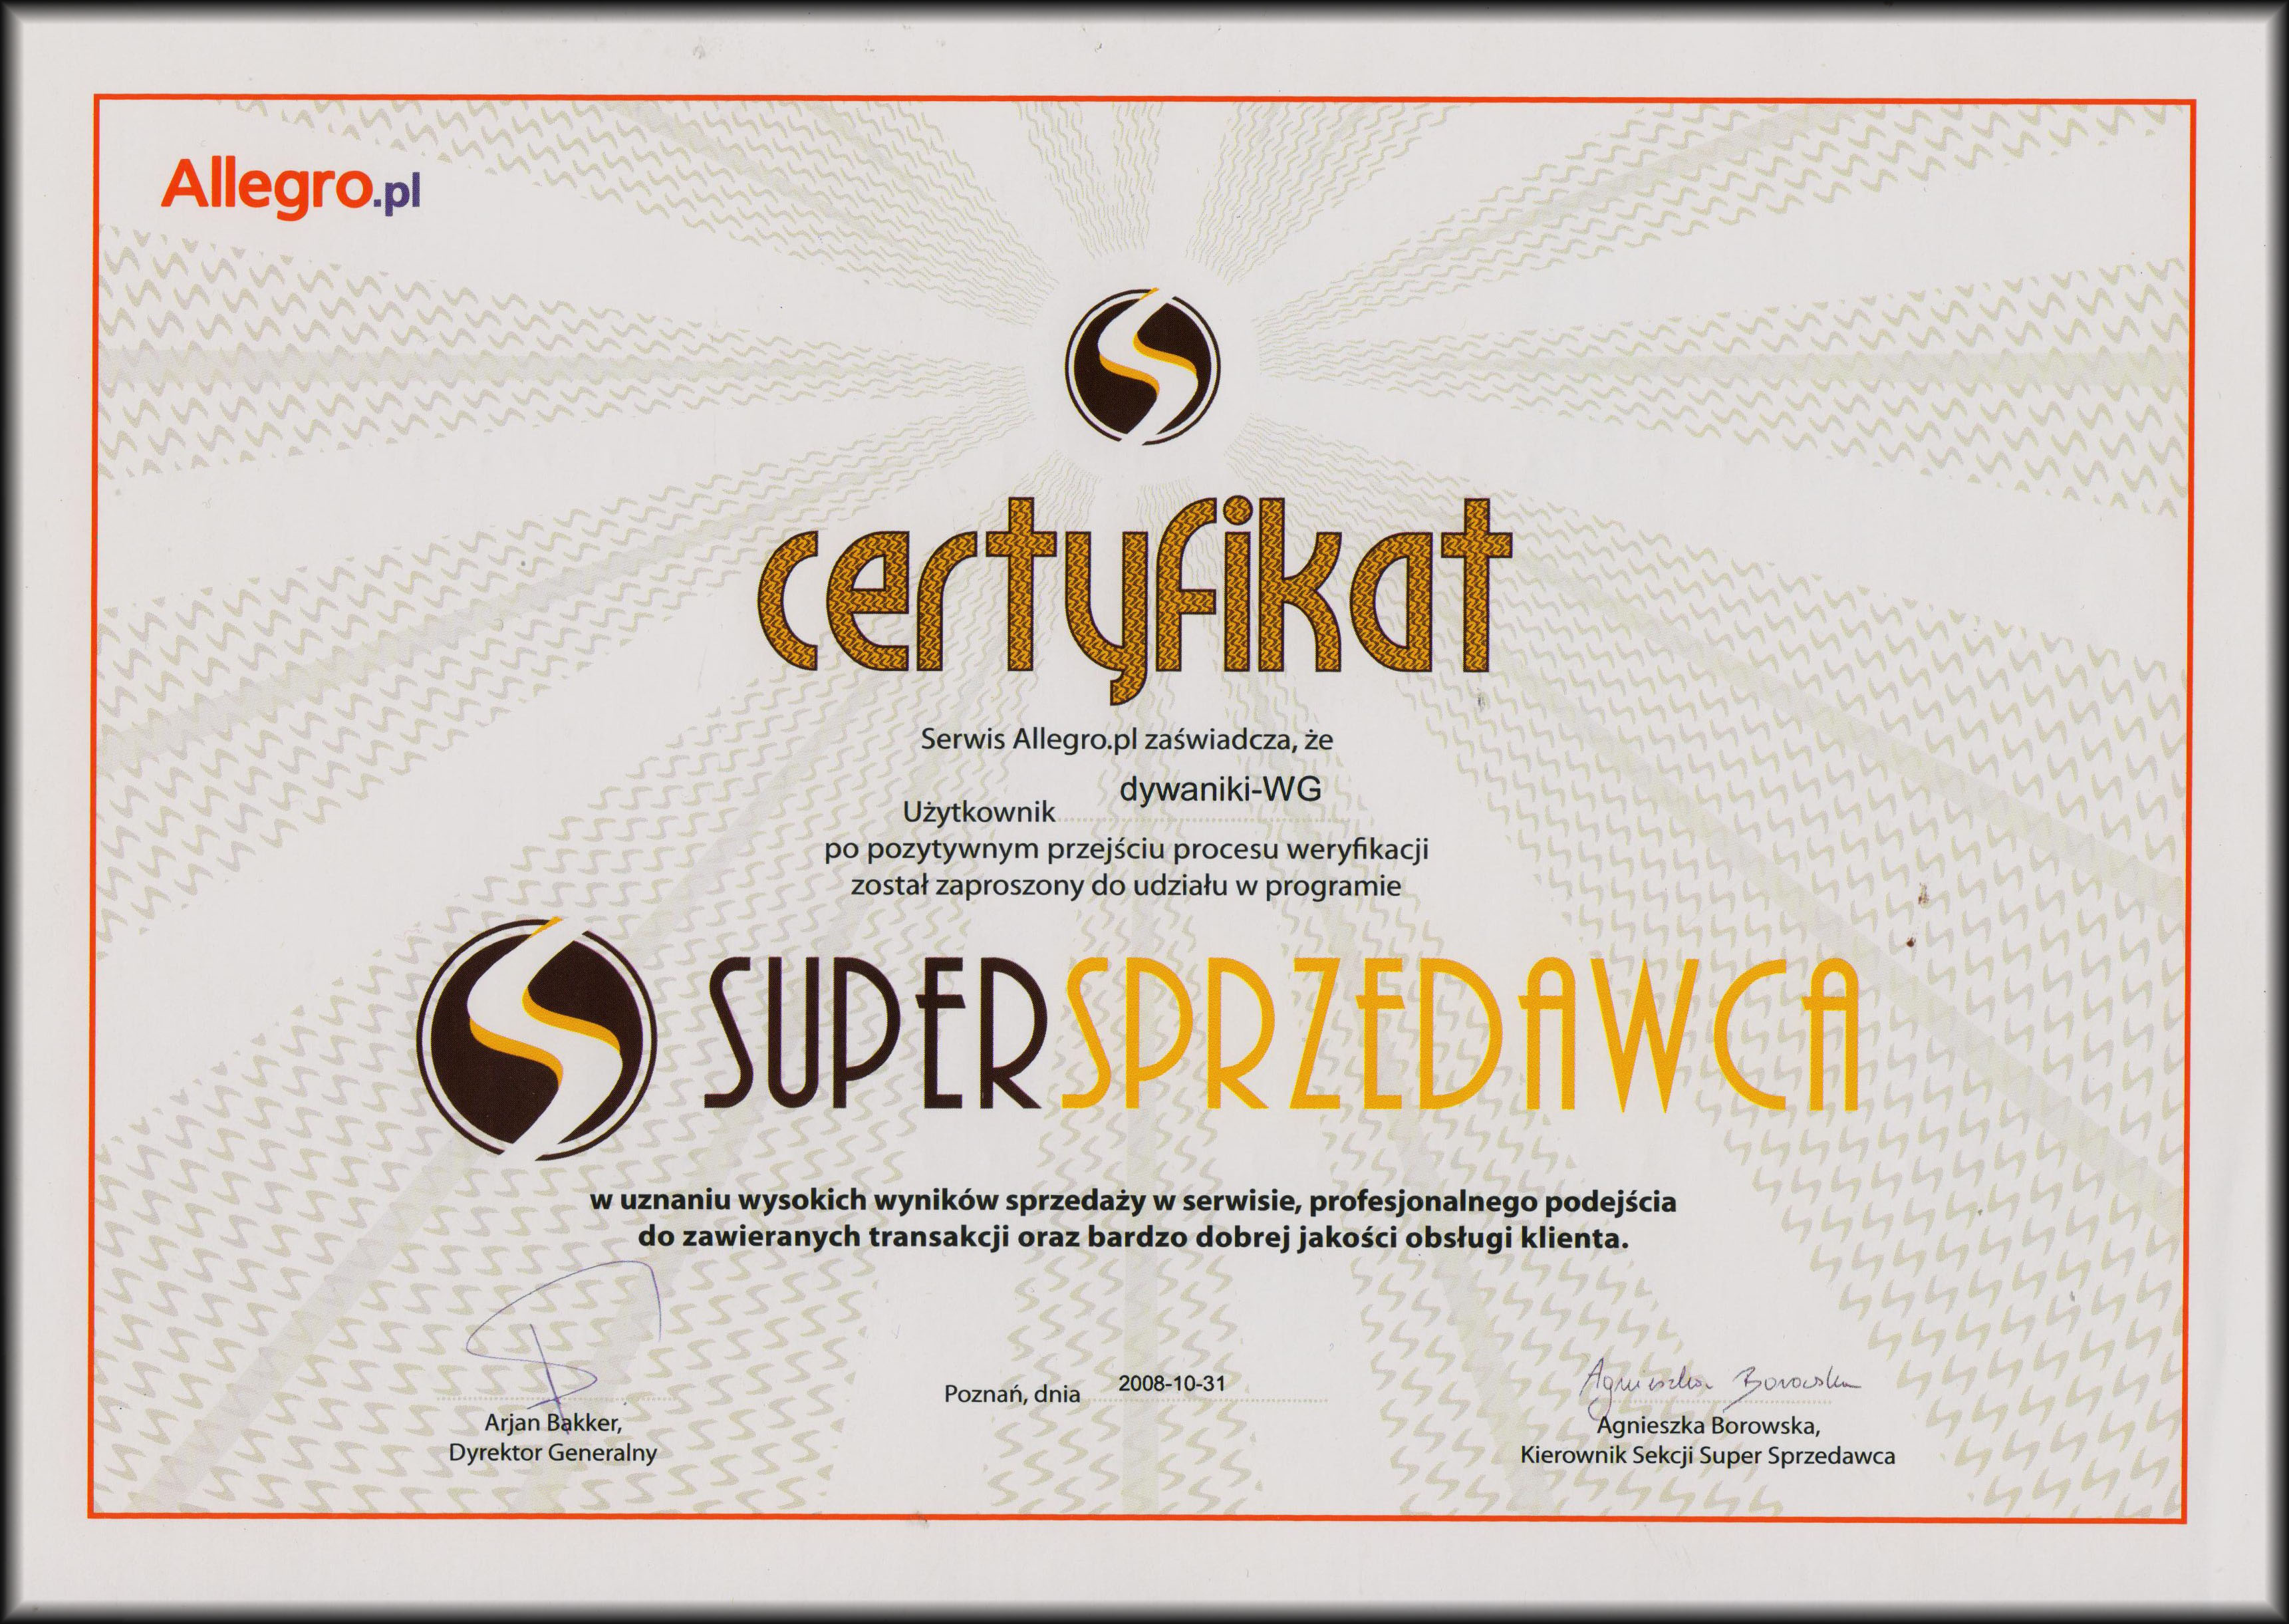 http://www.max-dywanik.nazwa.pl/max-dywanik/Katalog%20Dywaniki/super%20sprzedawca%20001.jpg